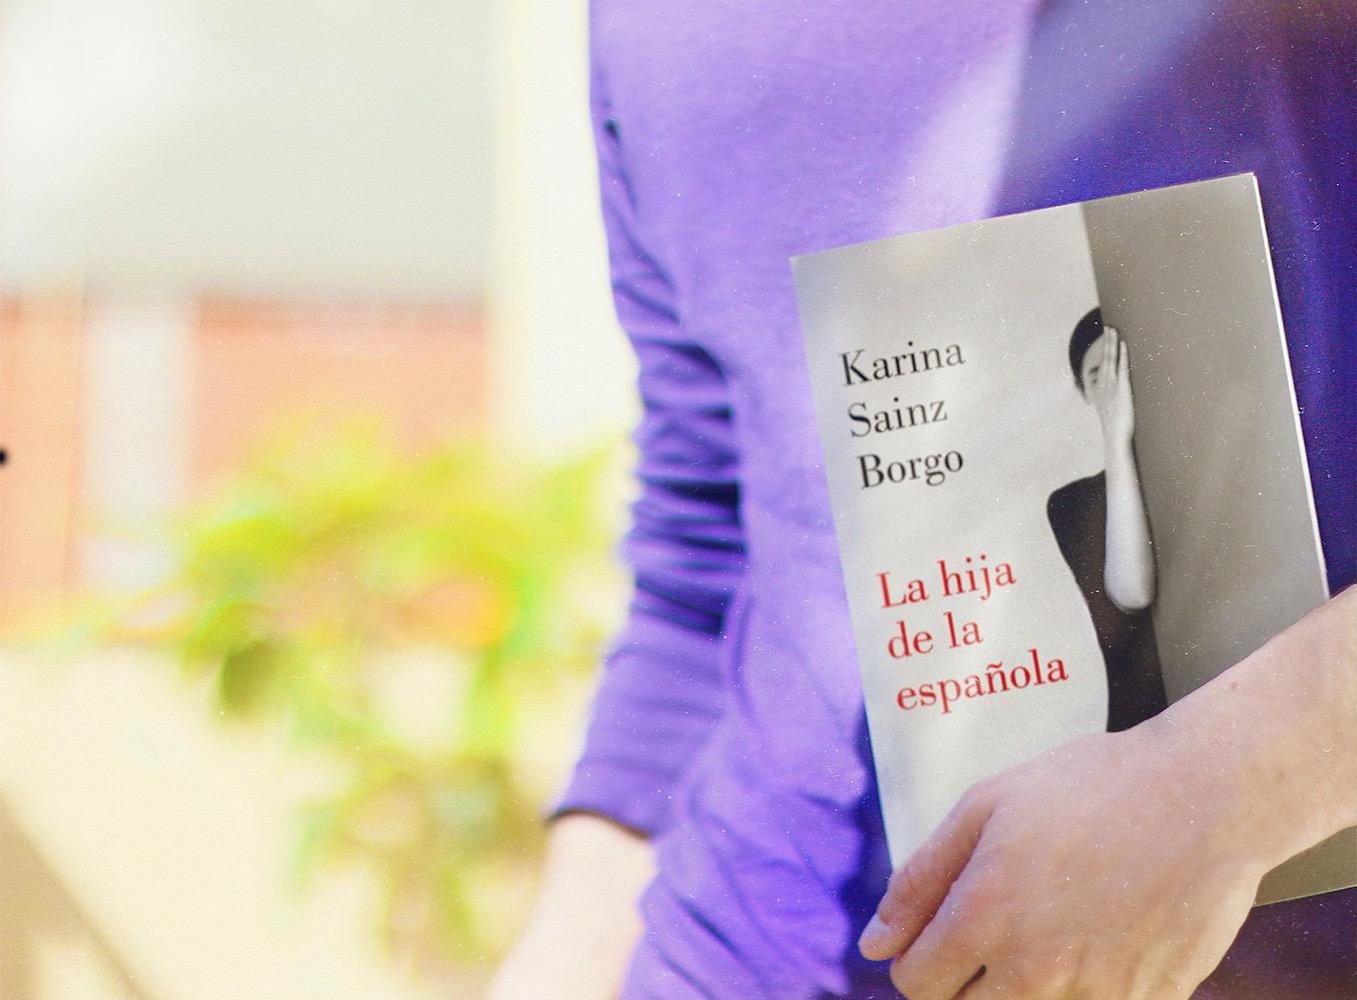 Reseña: La hija de la española. Karina Sainz Borgo